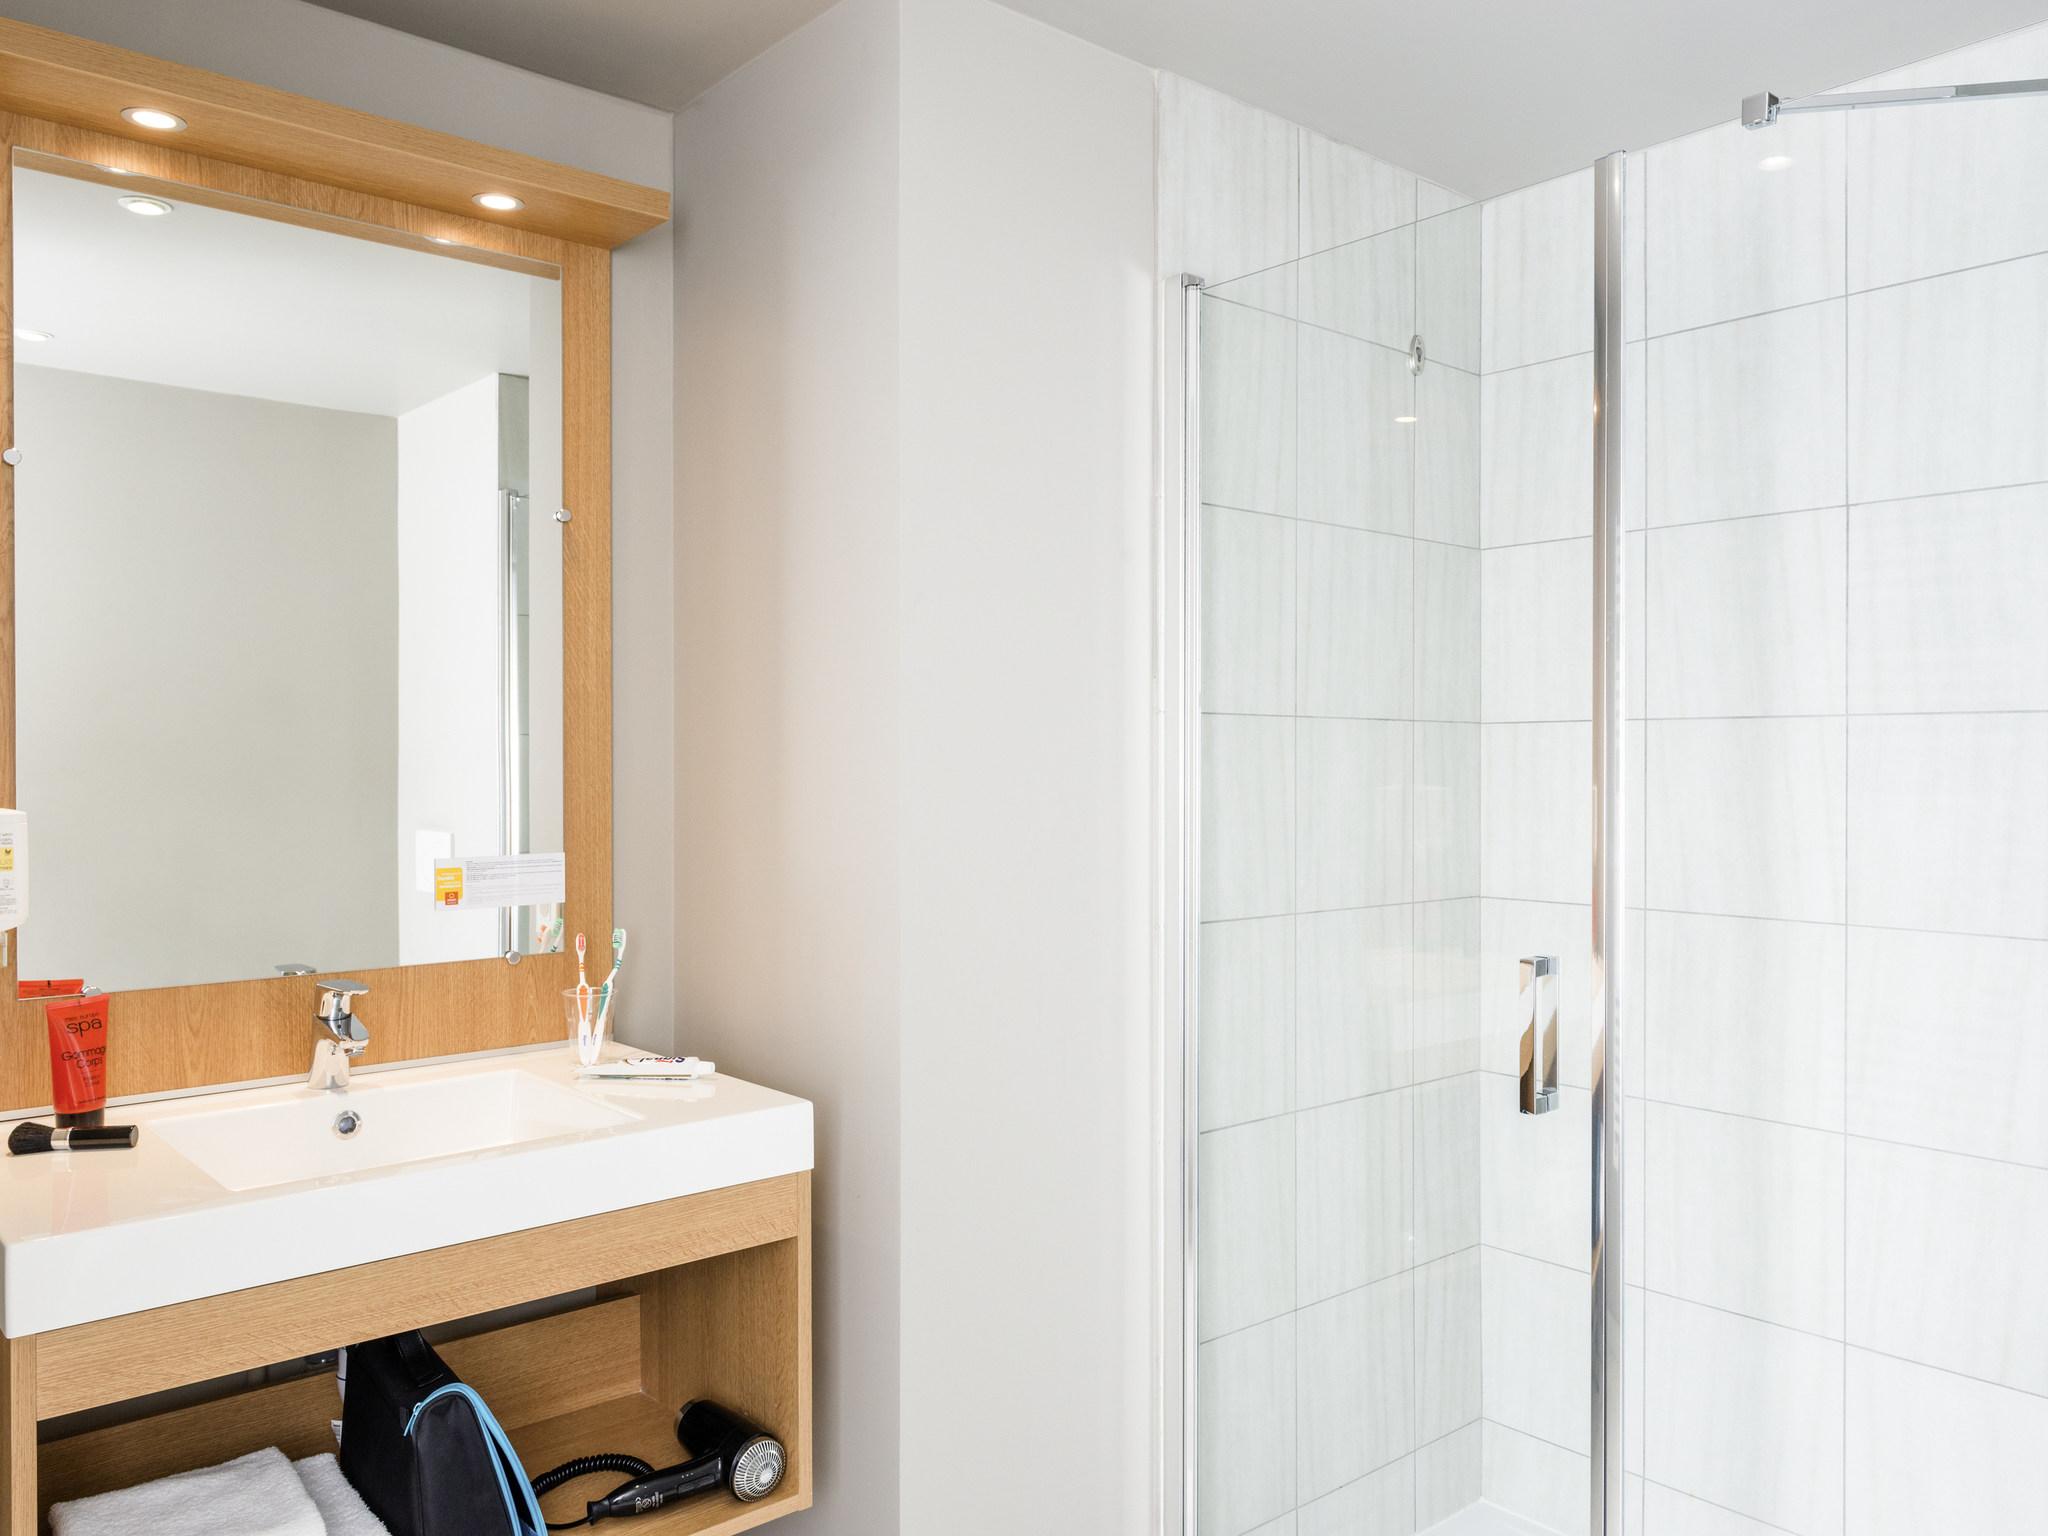 Paris Bedroom Wallpaper Hotel In Massy Aparthotel Adagio Access Paris Massy Gare Tgv